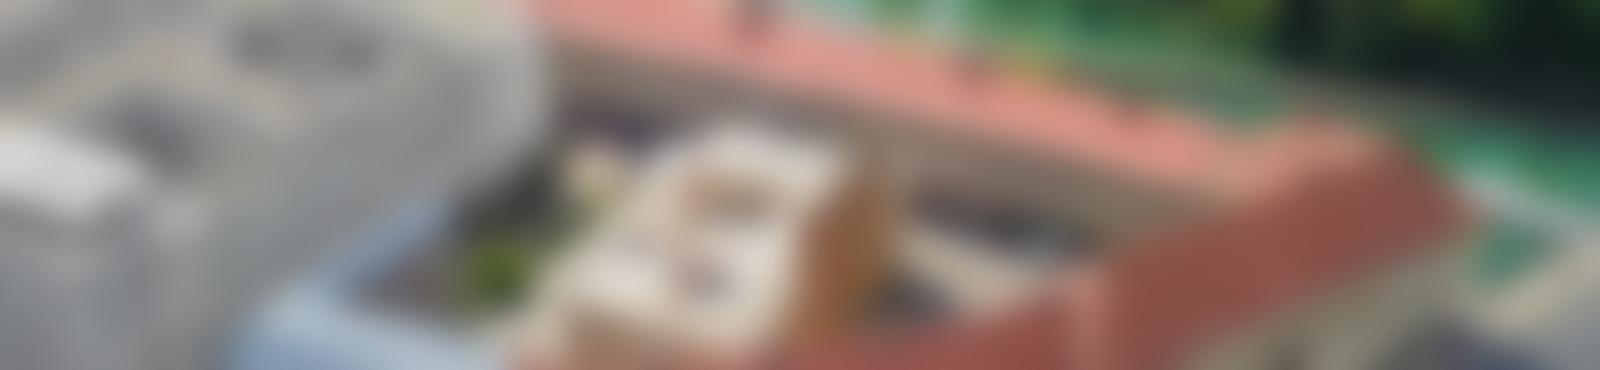 Blurred ac856a77 2e27 4d30 953a 1d19e01b1049